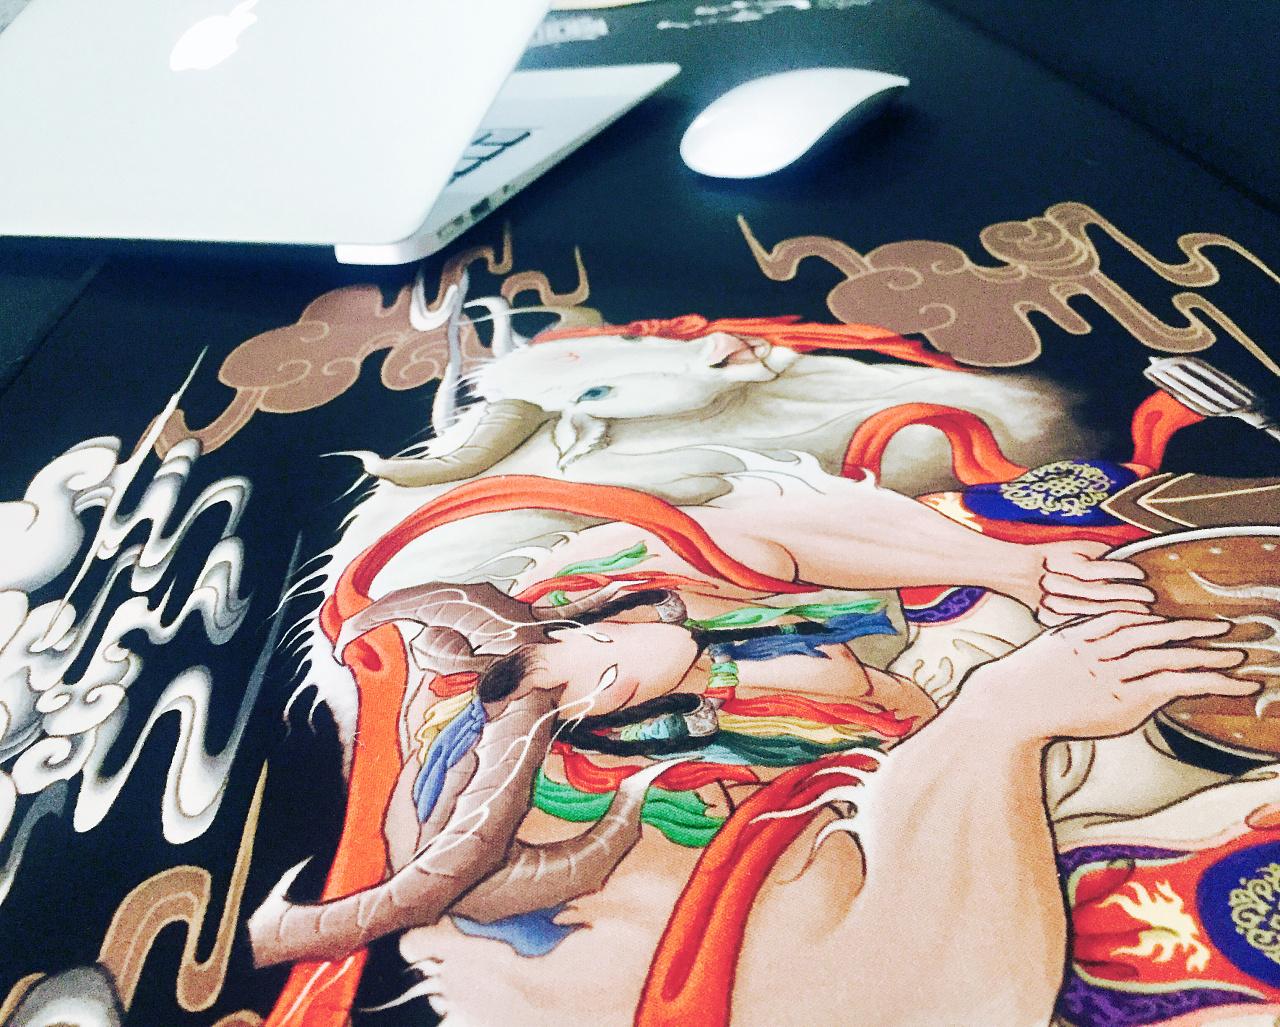 圖門·喜物 大型长卷蒙古族神话故事原创插画-《信仰》